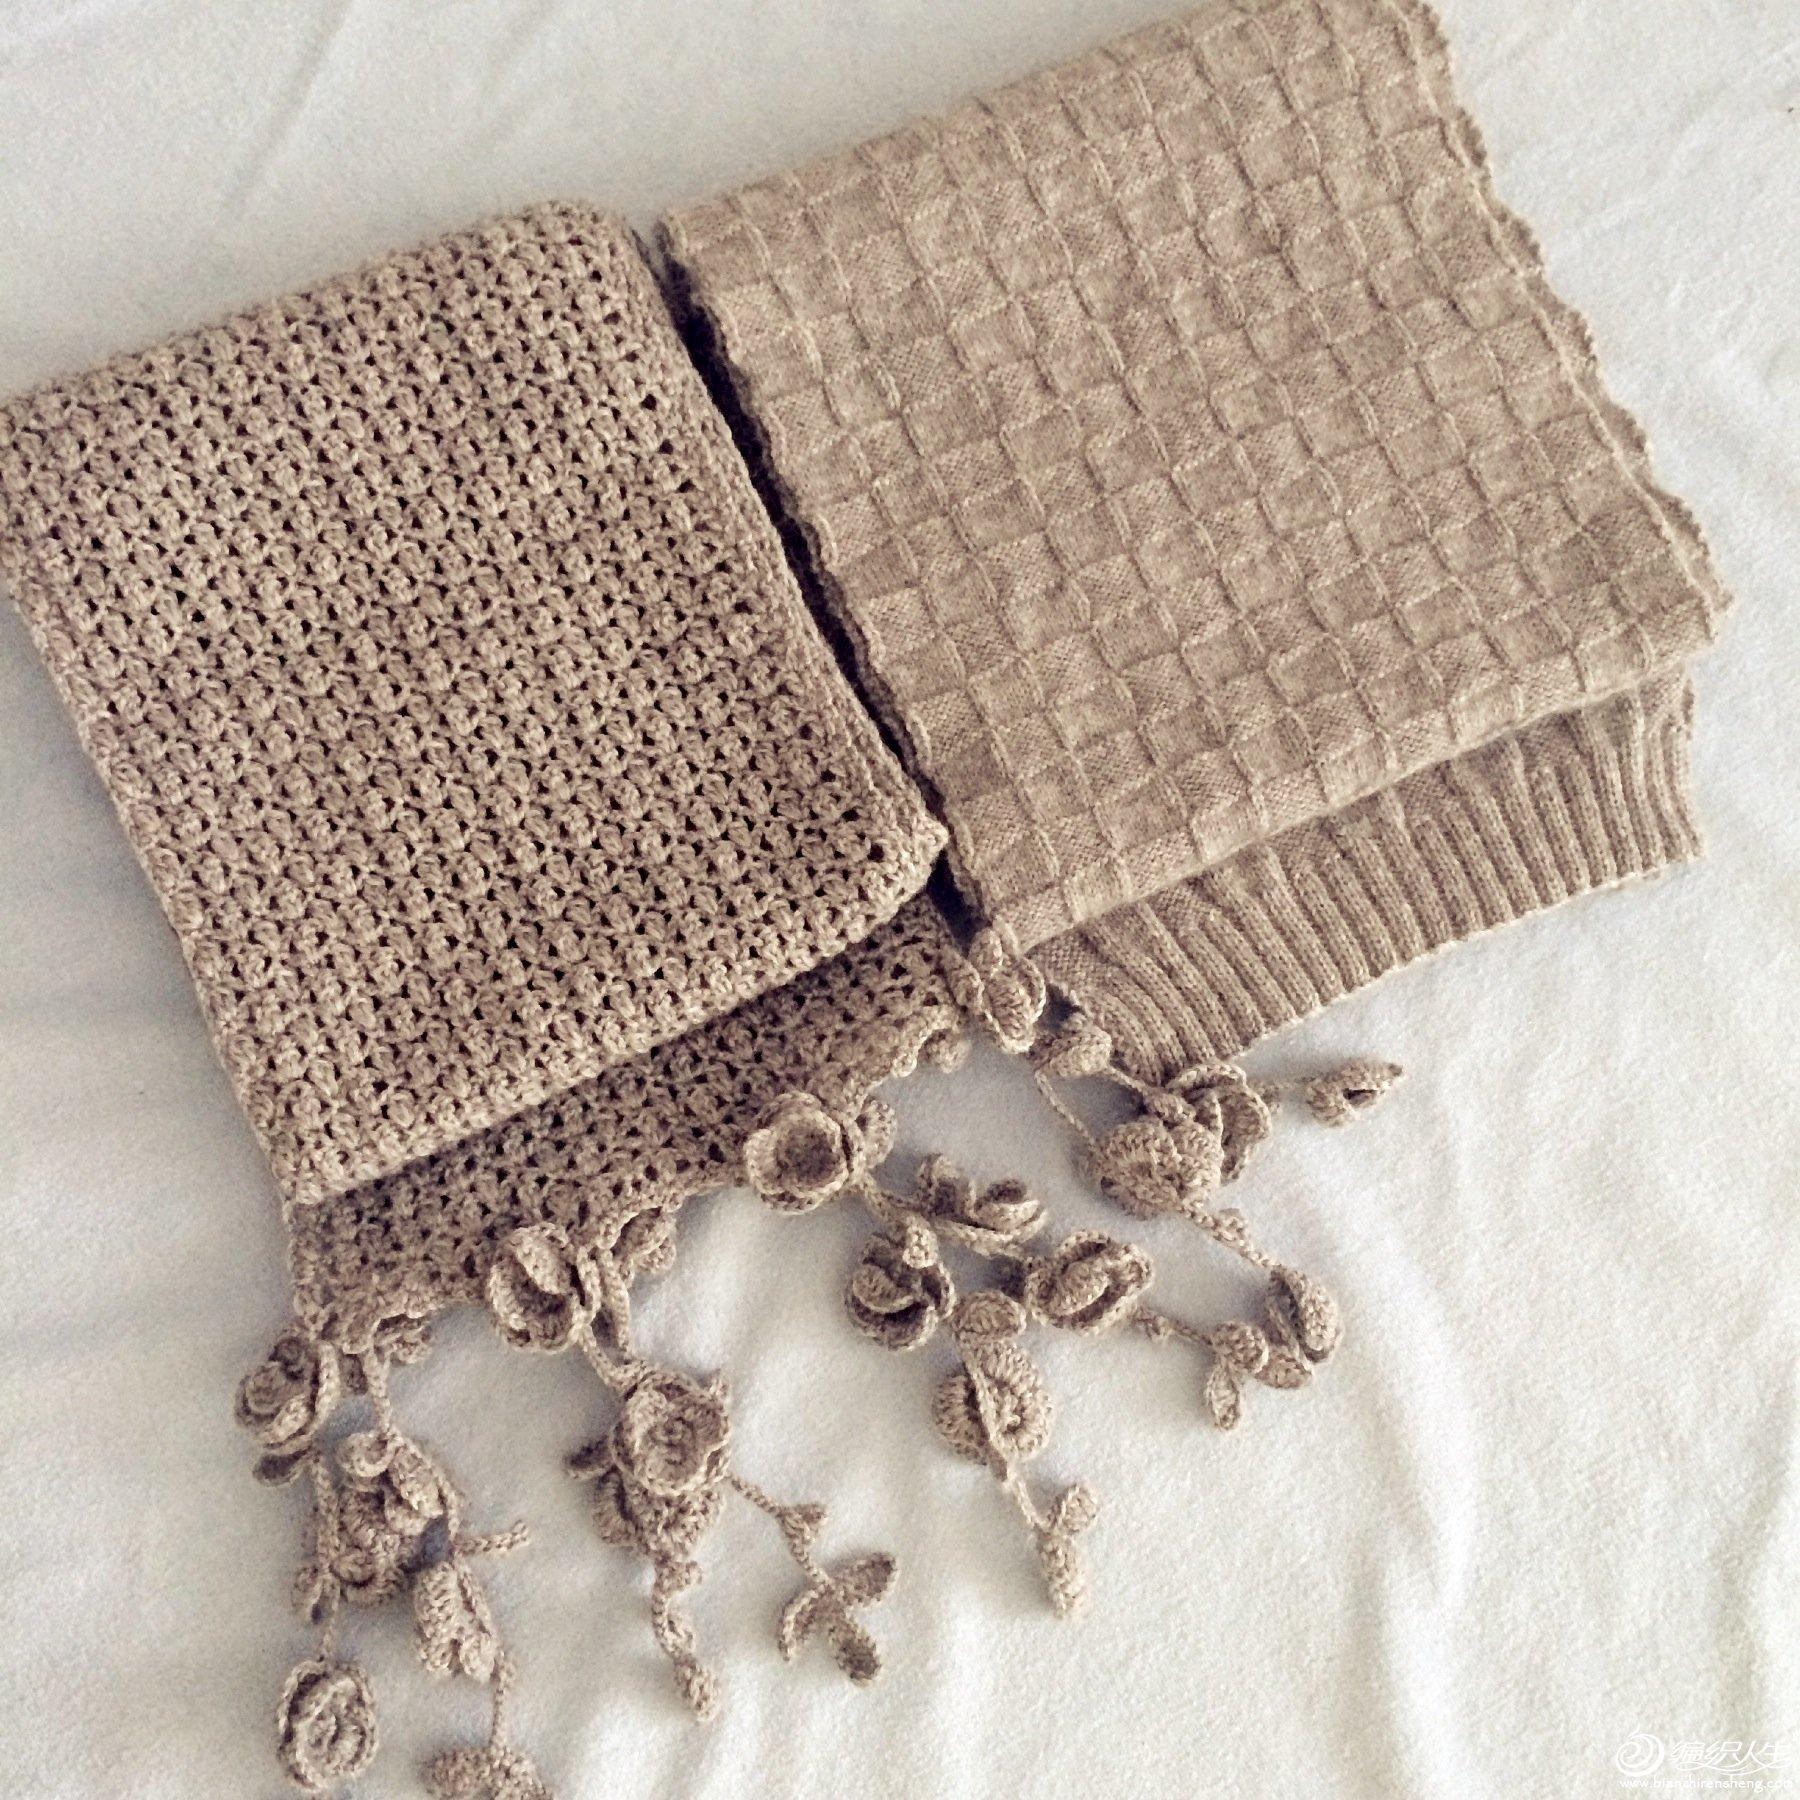 方块针围巾的织法图解 图片合集